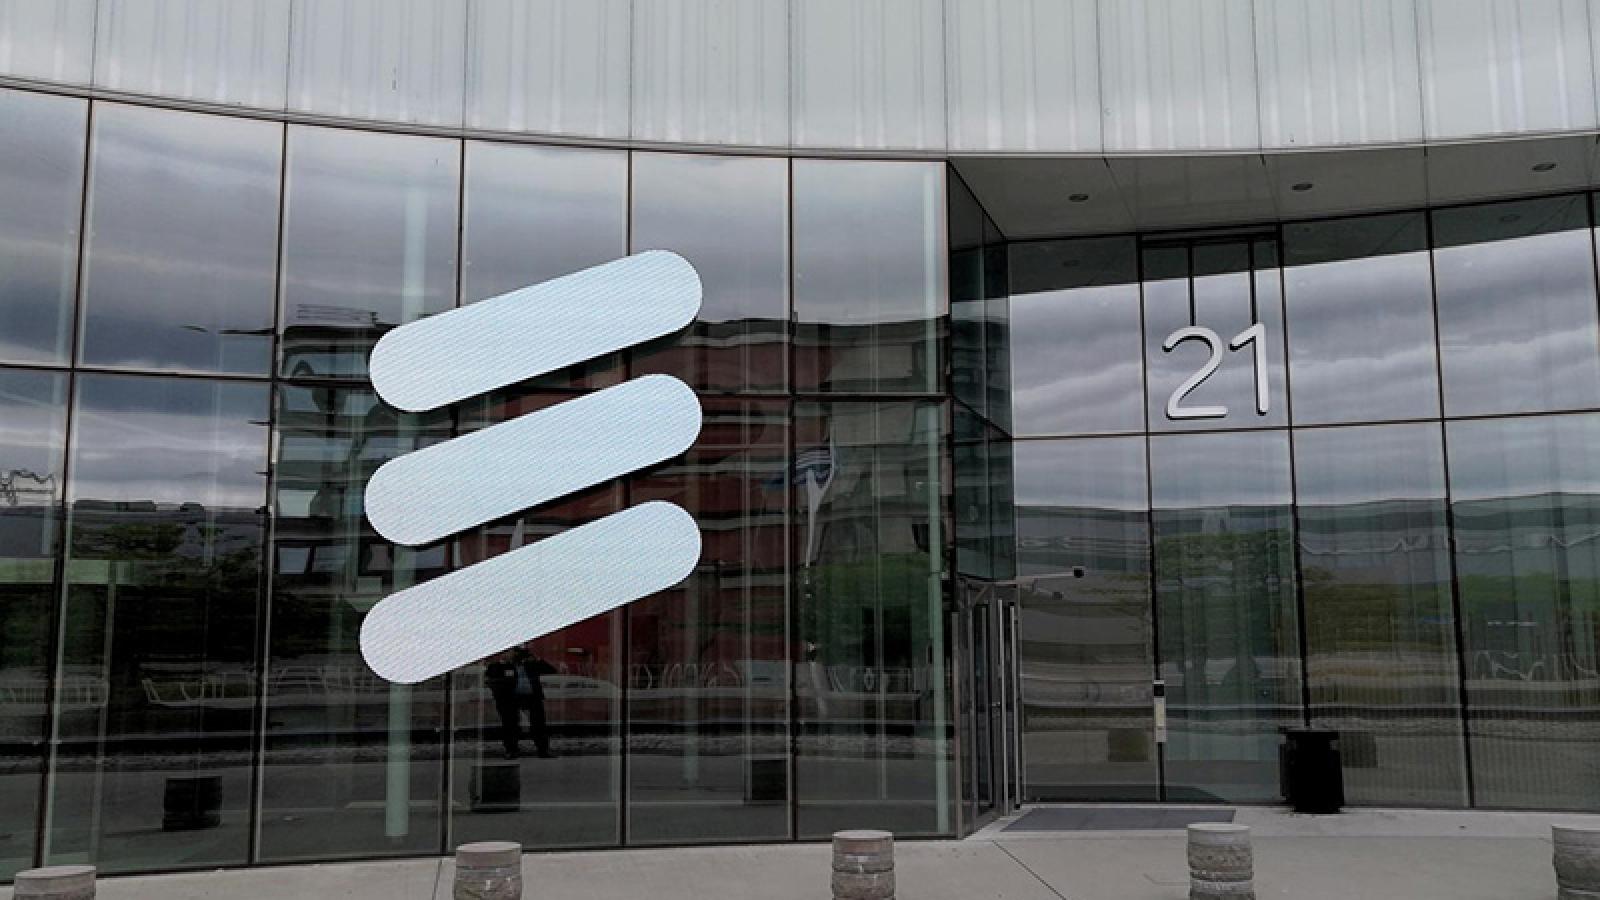 Ericsson sẽ rời Thụy Điển nếu lệnh cấm Huawei được tiếp tục